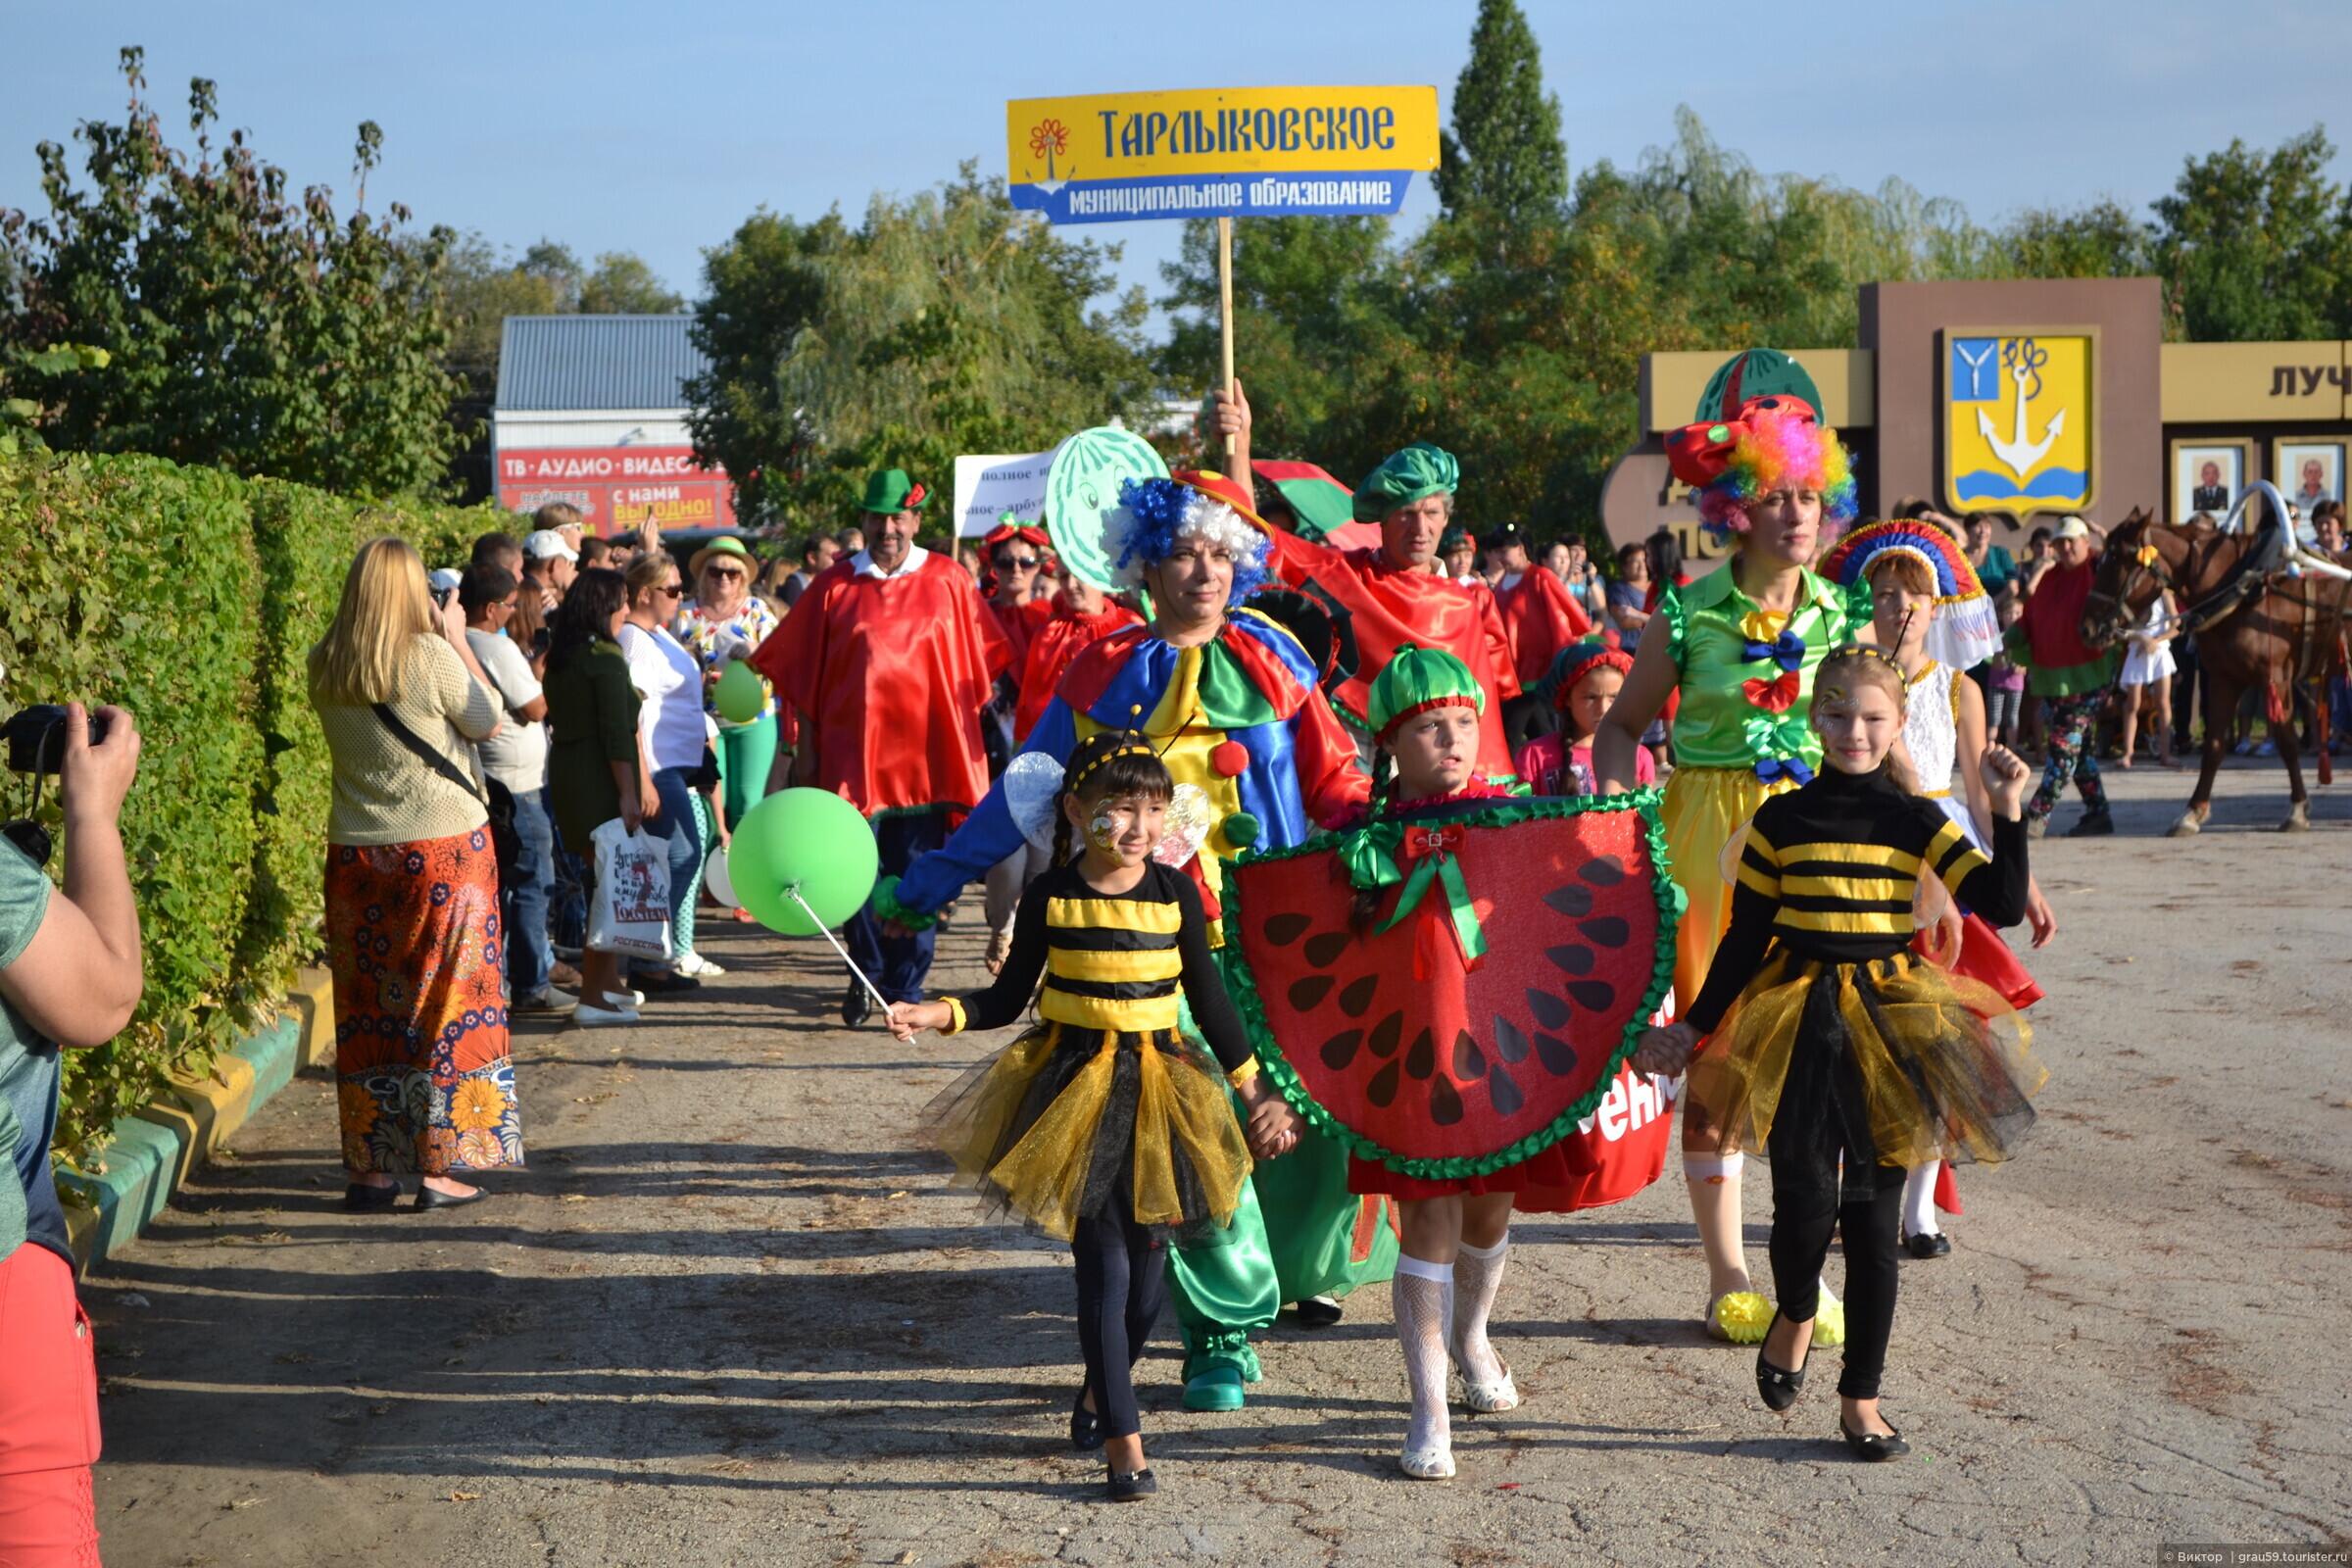 Фото типичного подольска с арбузного фестиваля